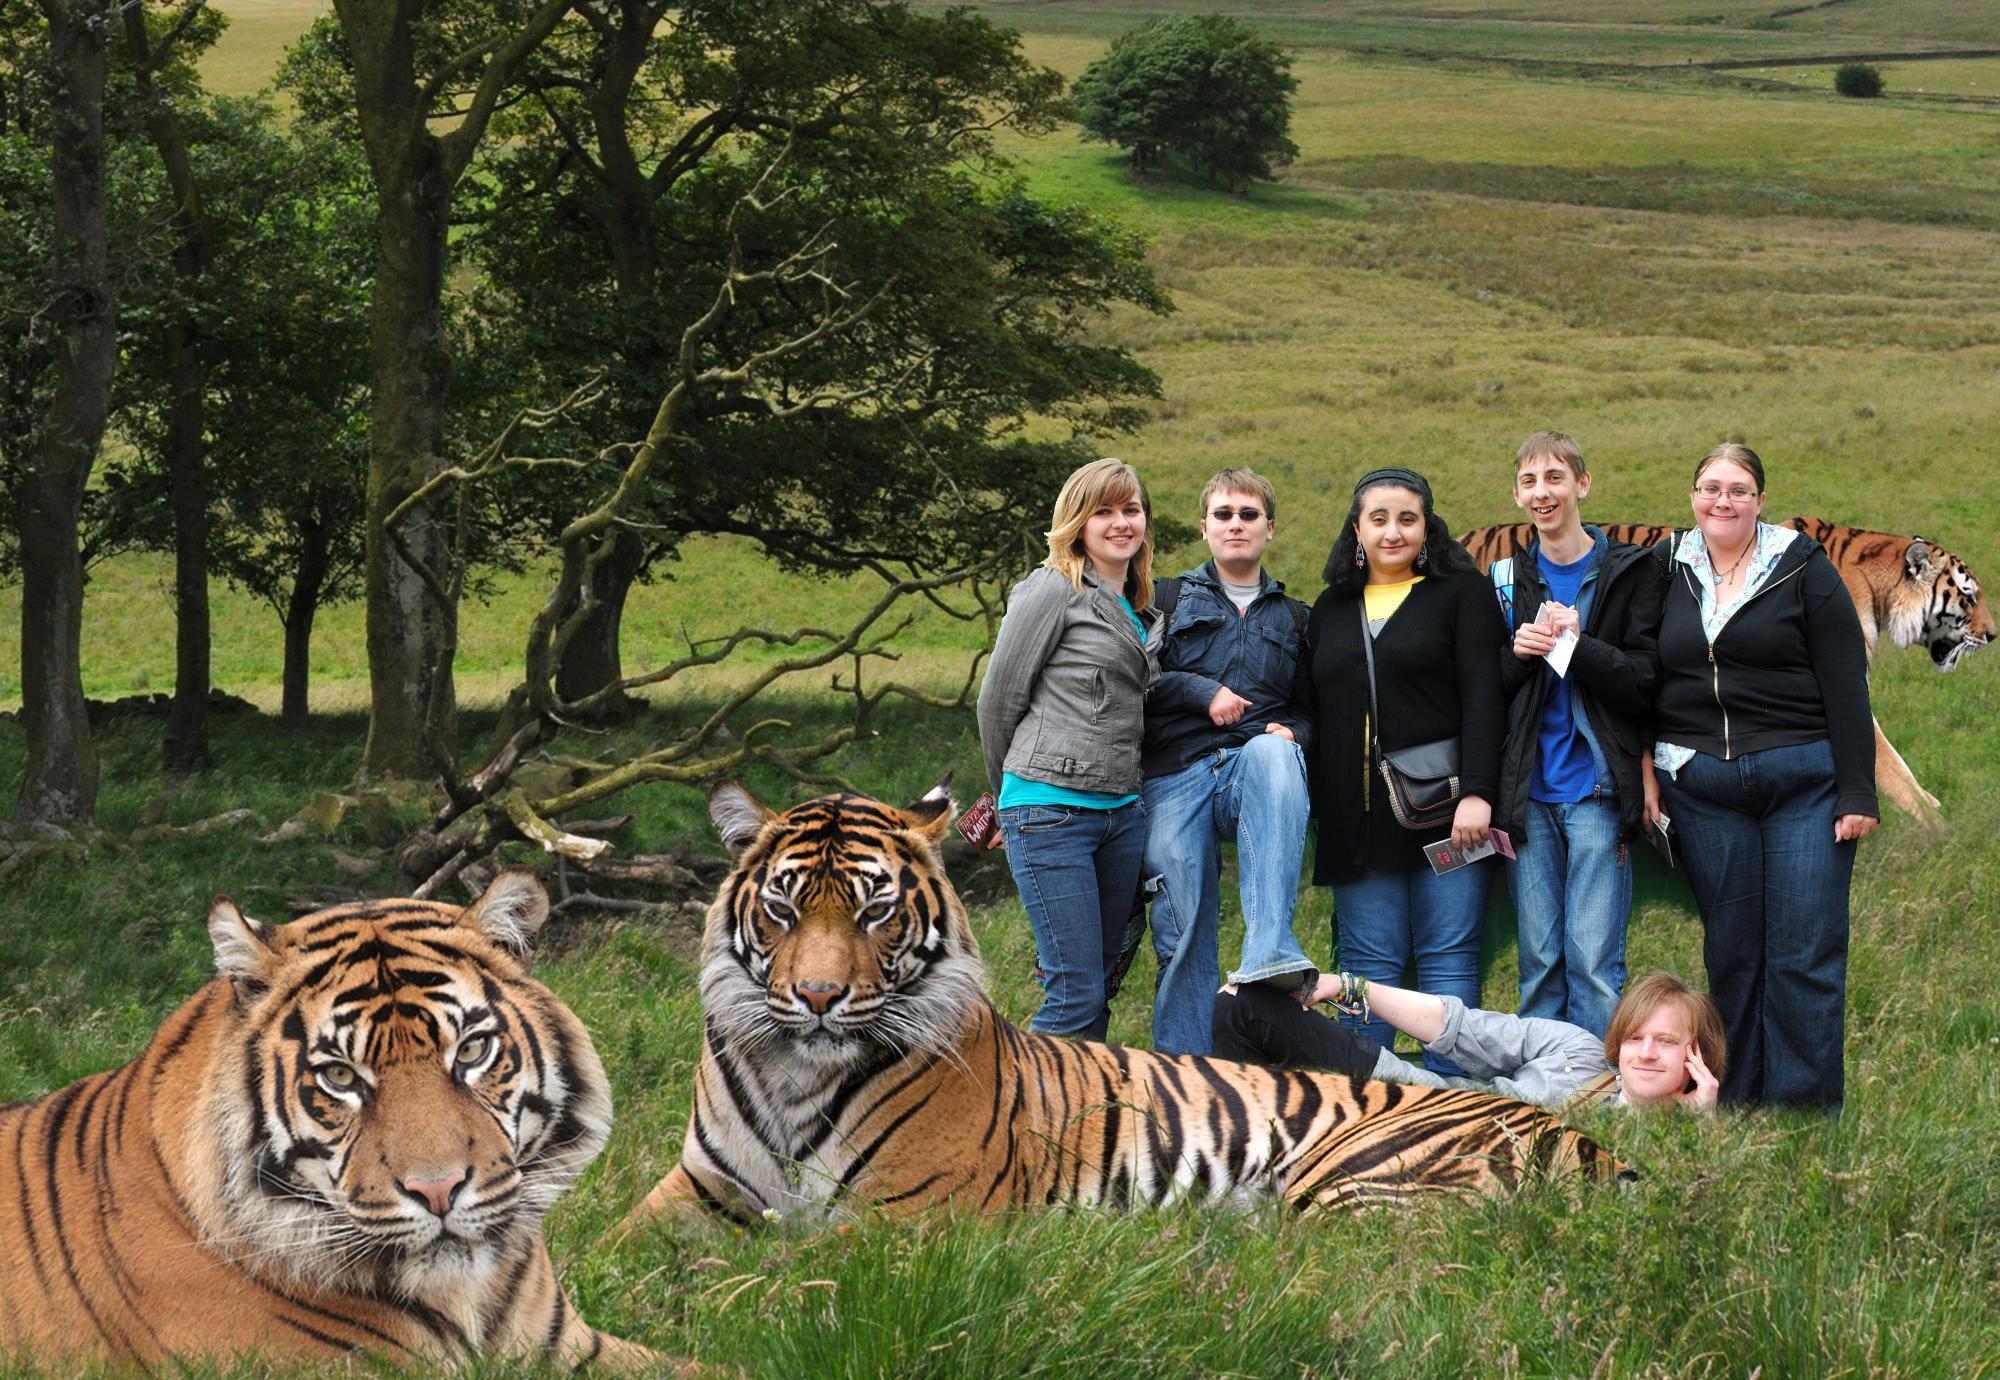 أين تقع أكبر حدائق حيوانات في العالم؟